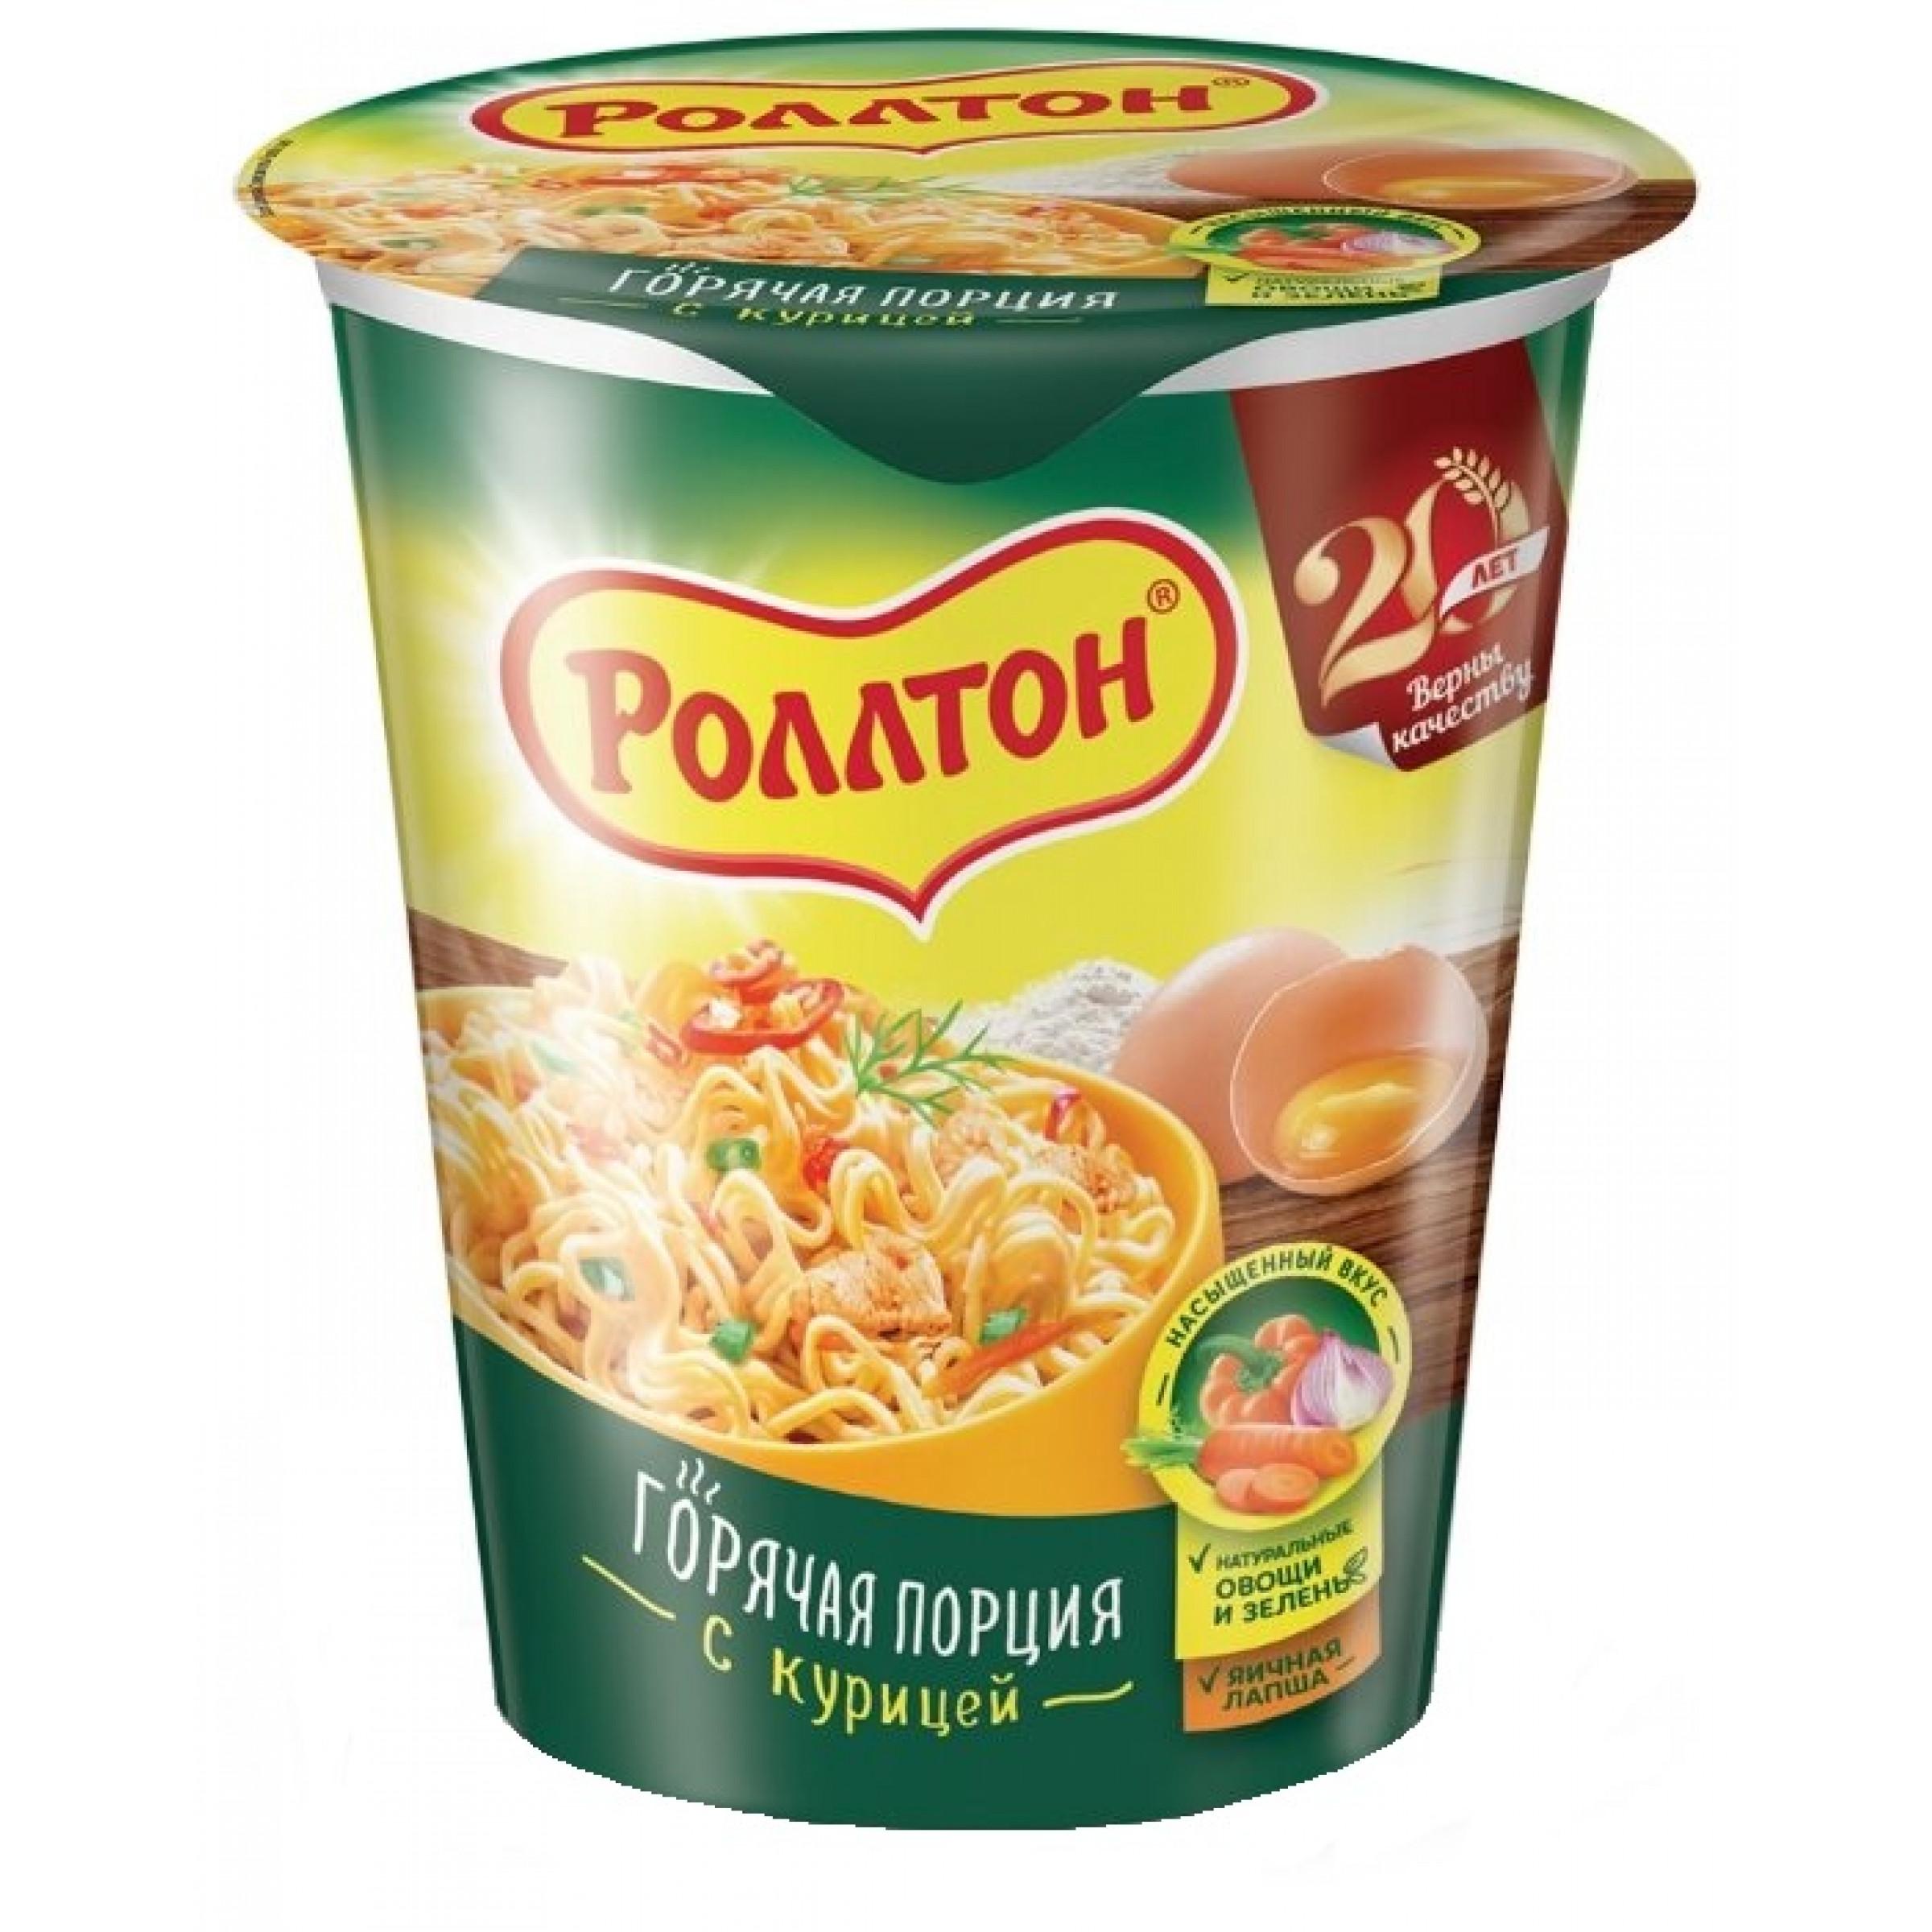 """Лапша """" Роллтон Горячая порция """" куриная, 65гр"""